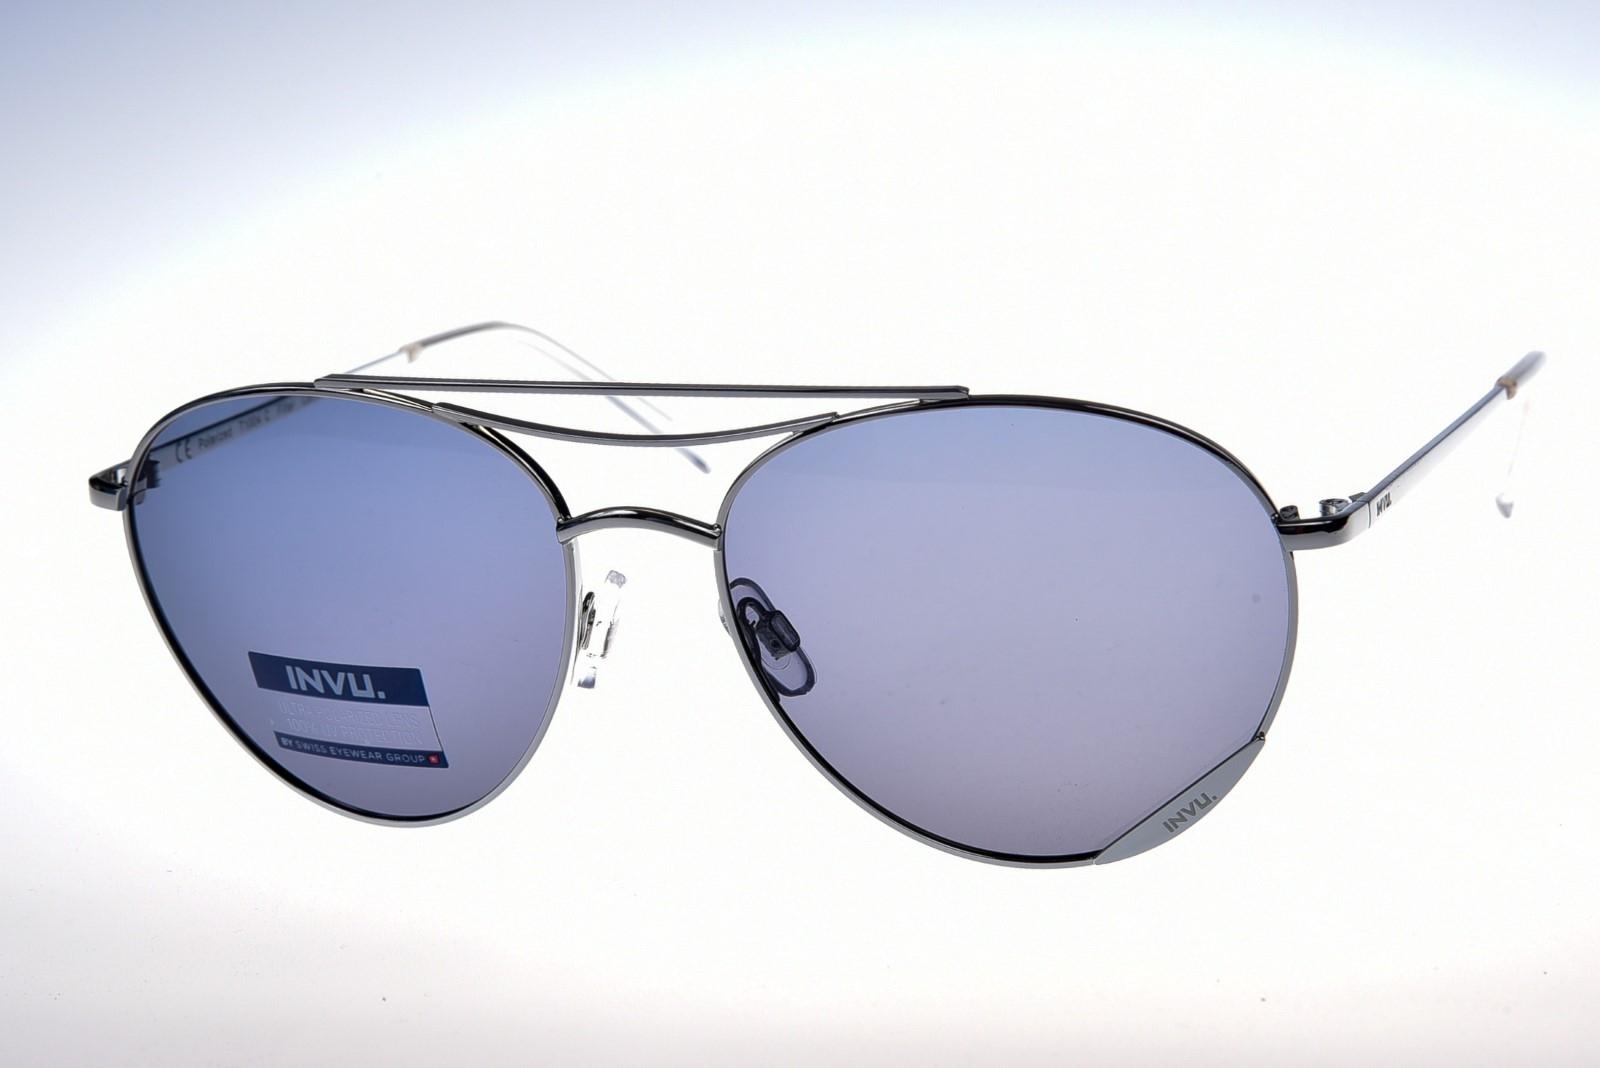 INVU. Trend T1004C - Unisex slnečné okuliare